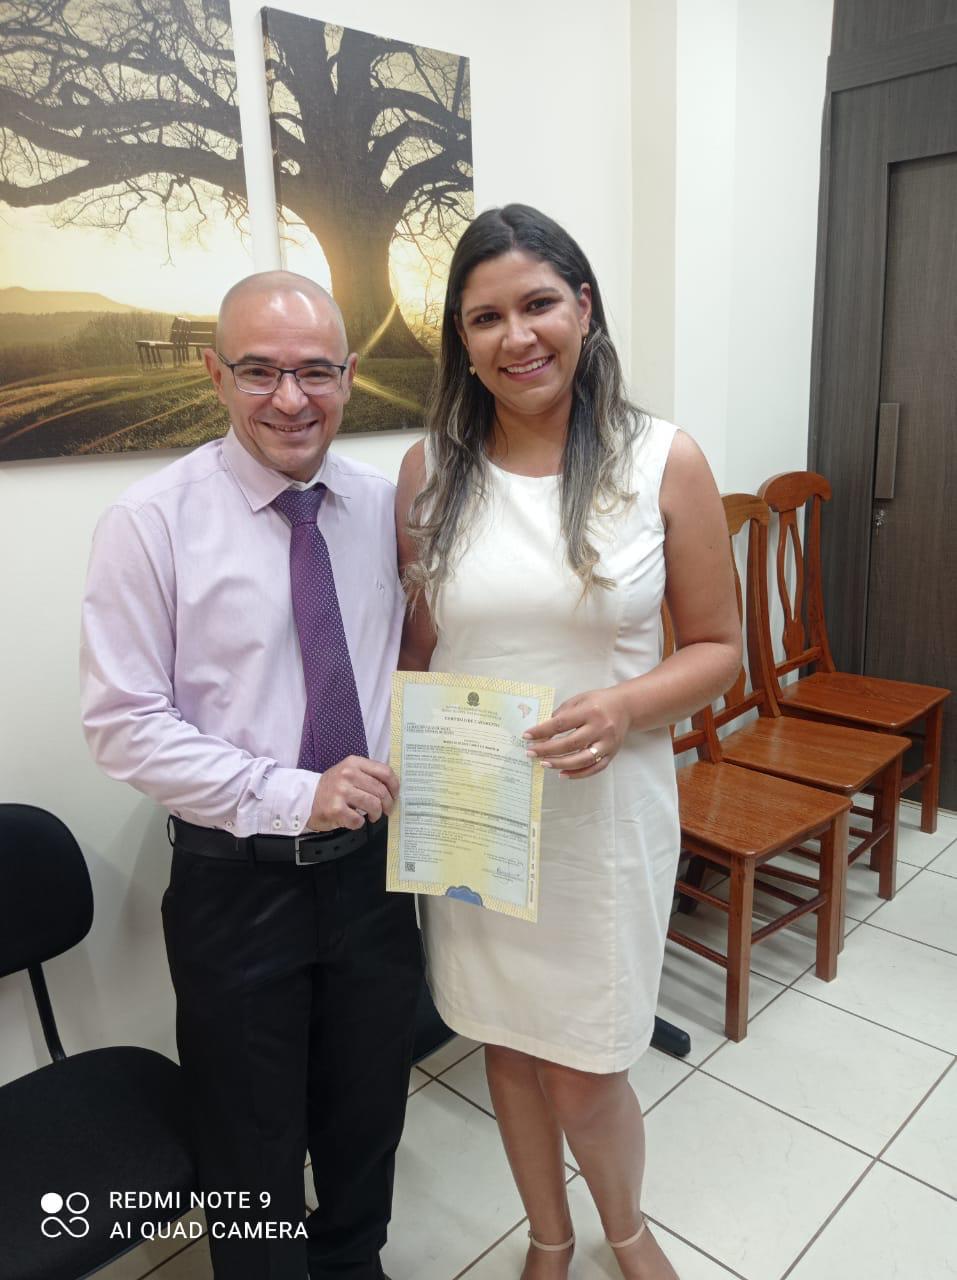 O casamento da vereadora Fernanda Messias com o advogado Jacques Douglas